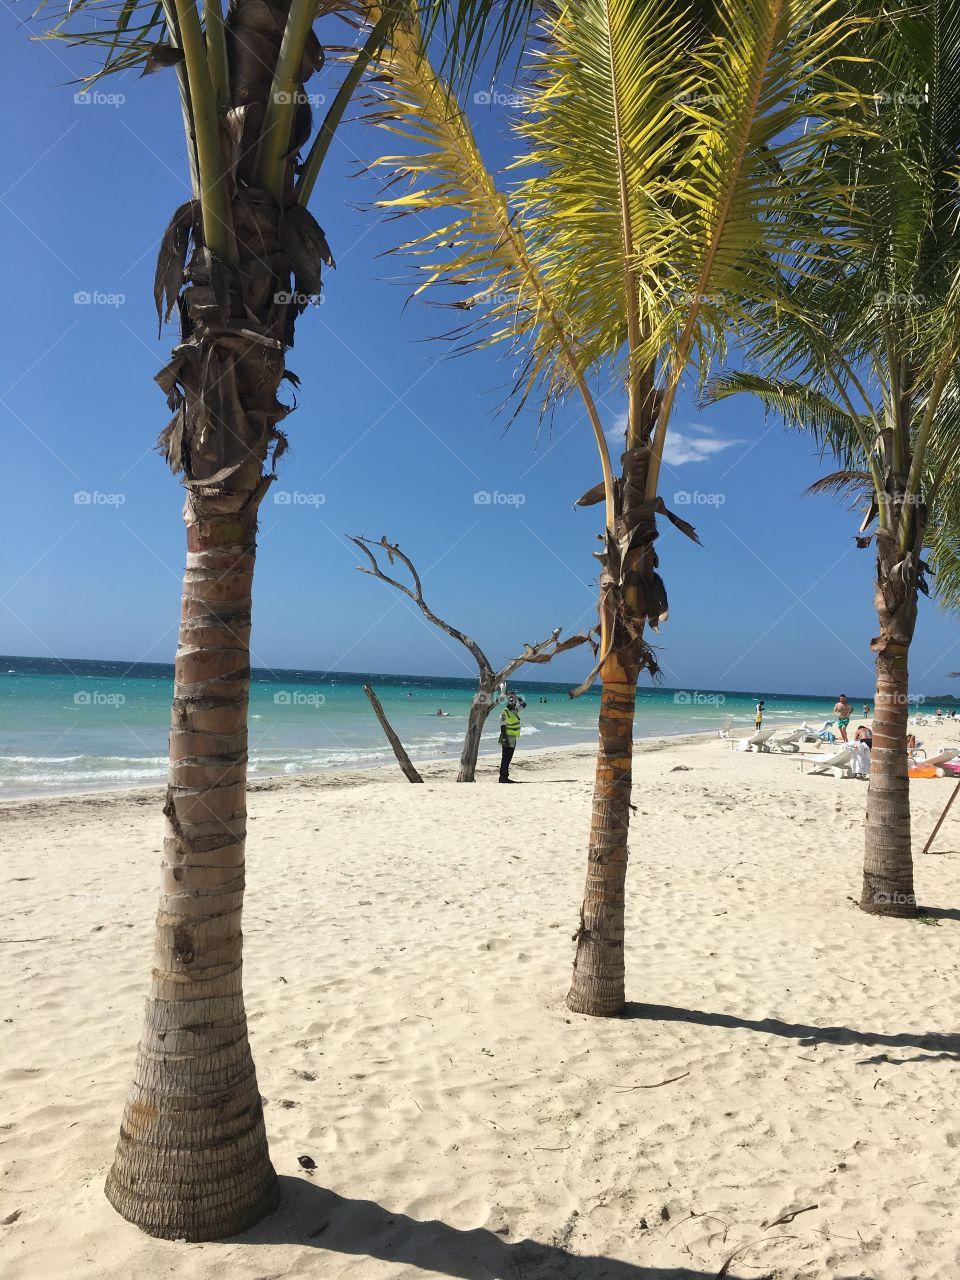 7 miles Beach in Jamaica